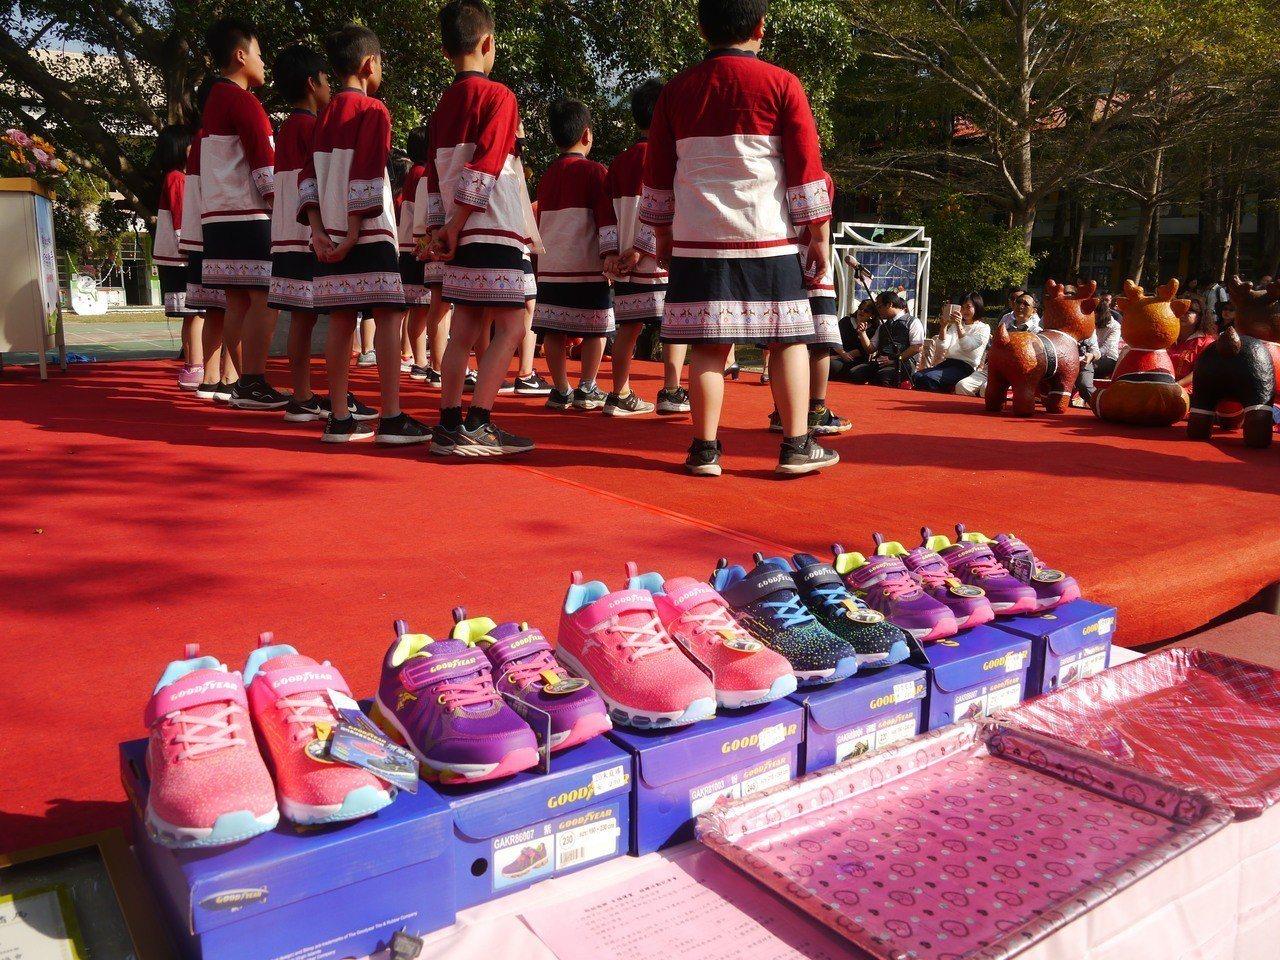 桃園市愛心關懷協會送愛心,這些新鞋市價約千元上下。記者徐白櫻/攝影